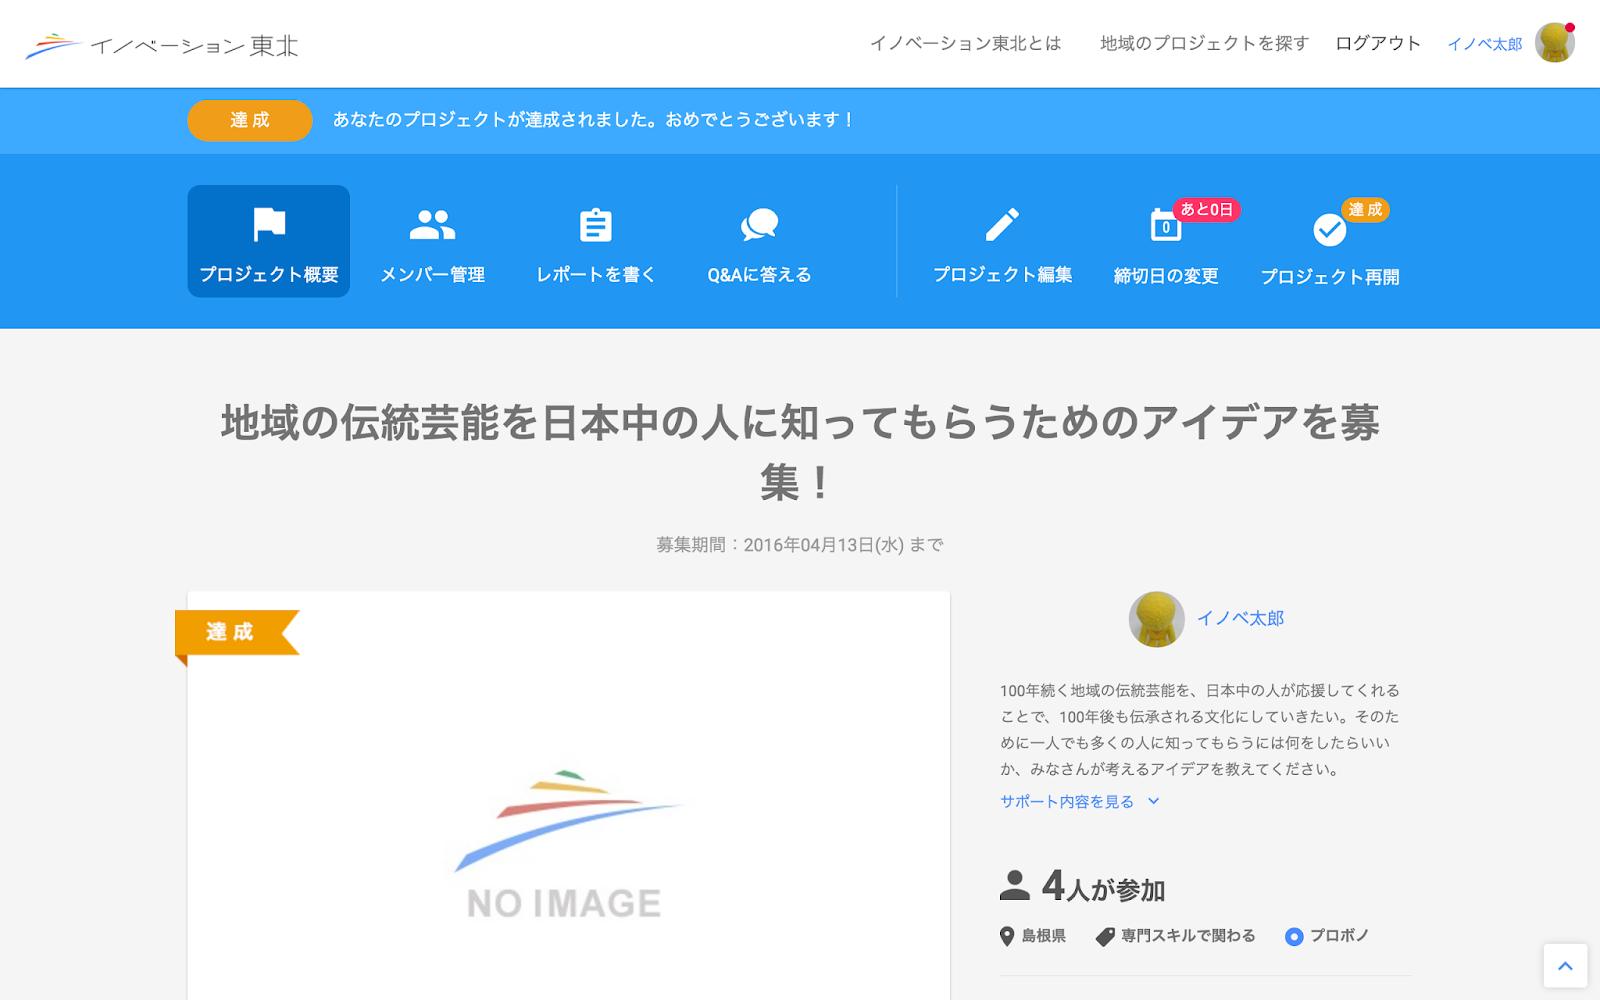 プロジェクト達成03.png